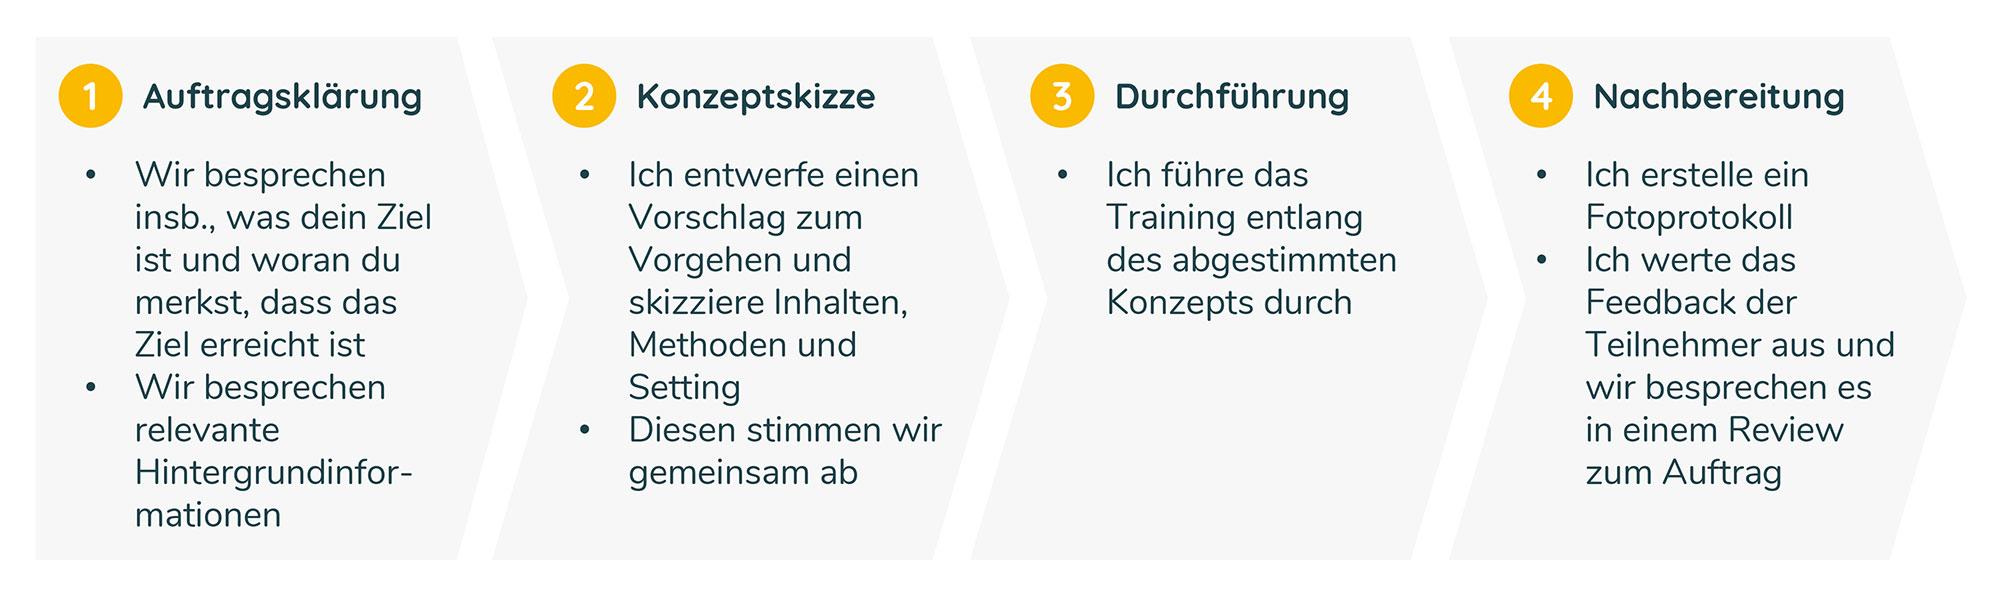 20190813_Ablaufdiagramm-Training4_web